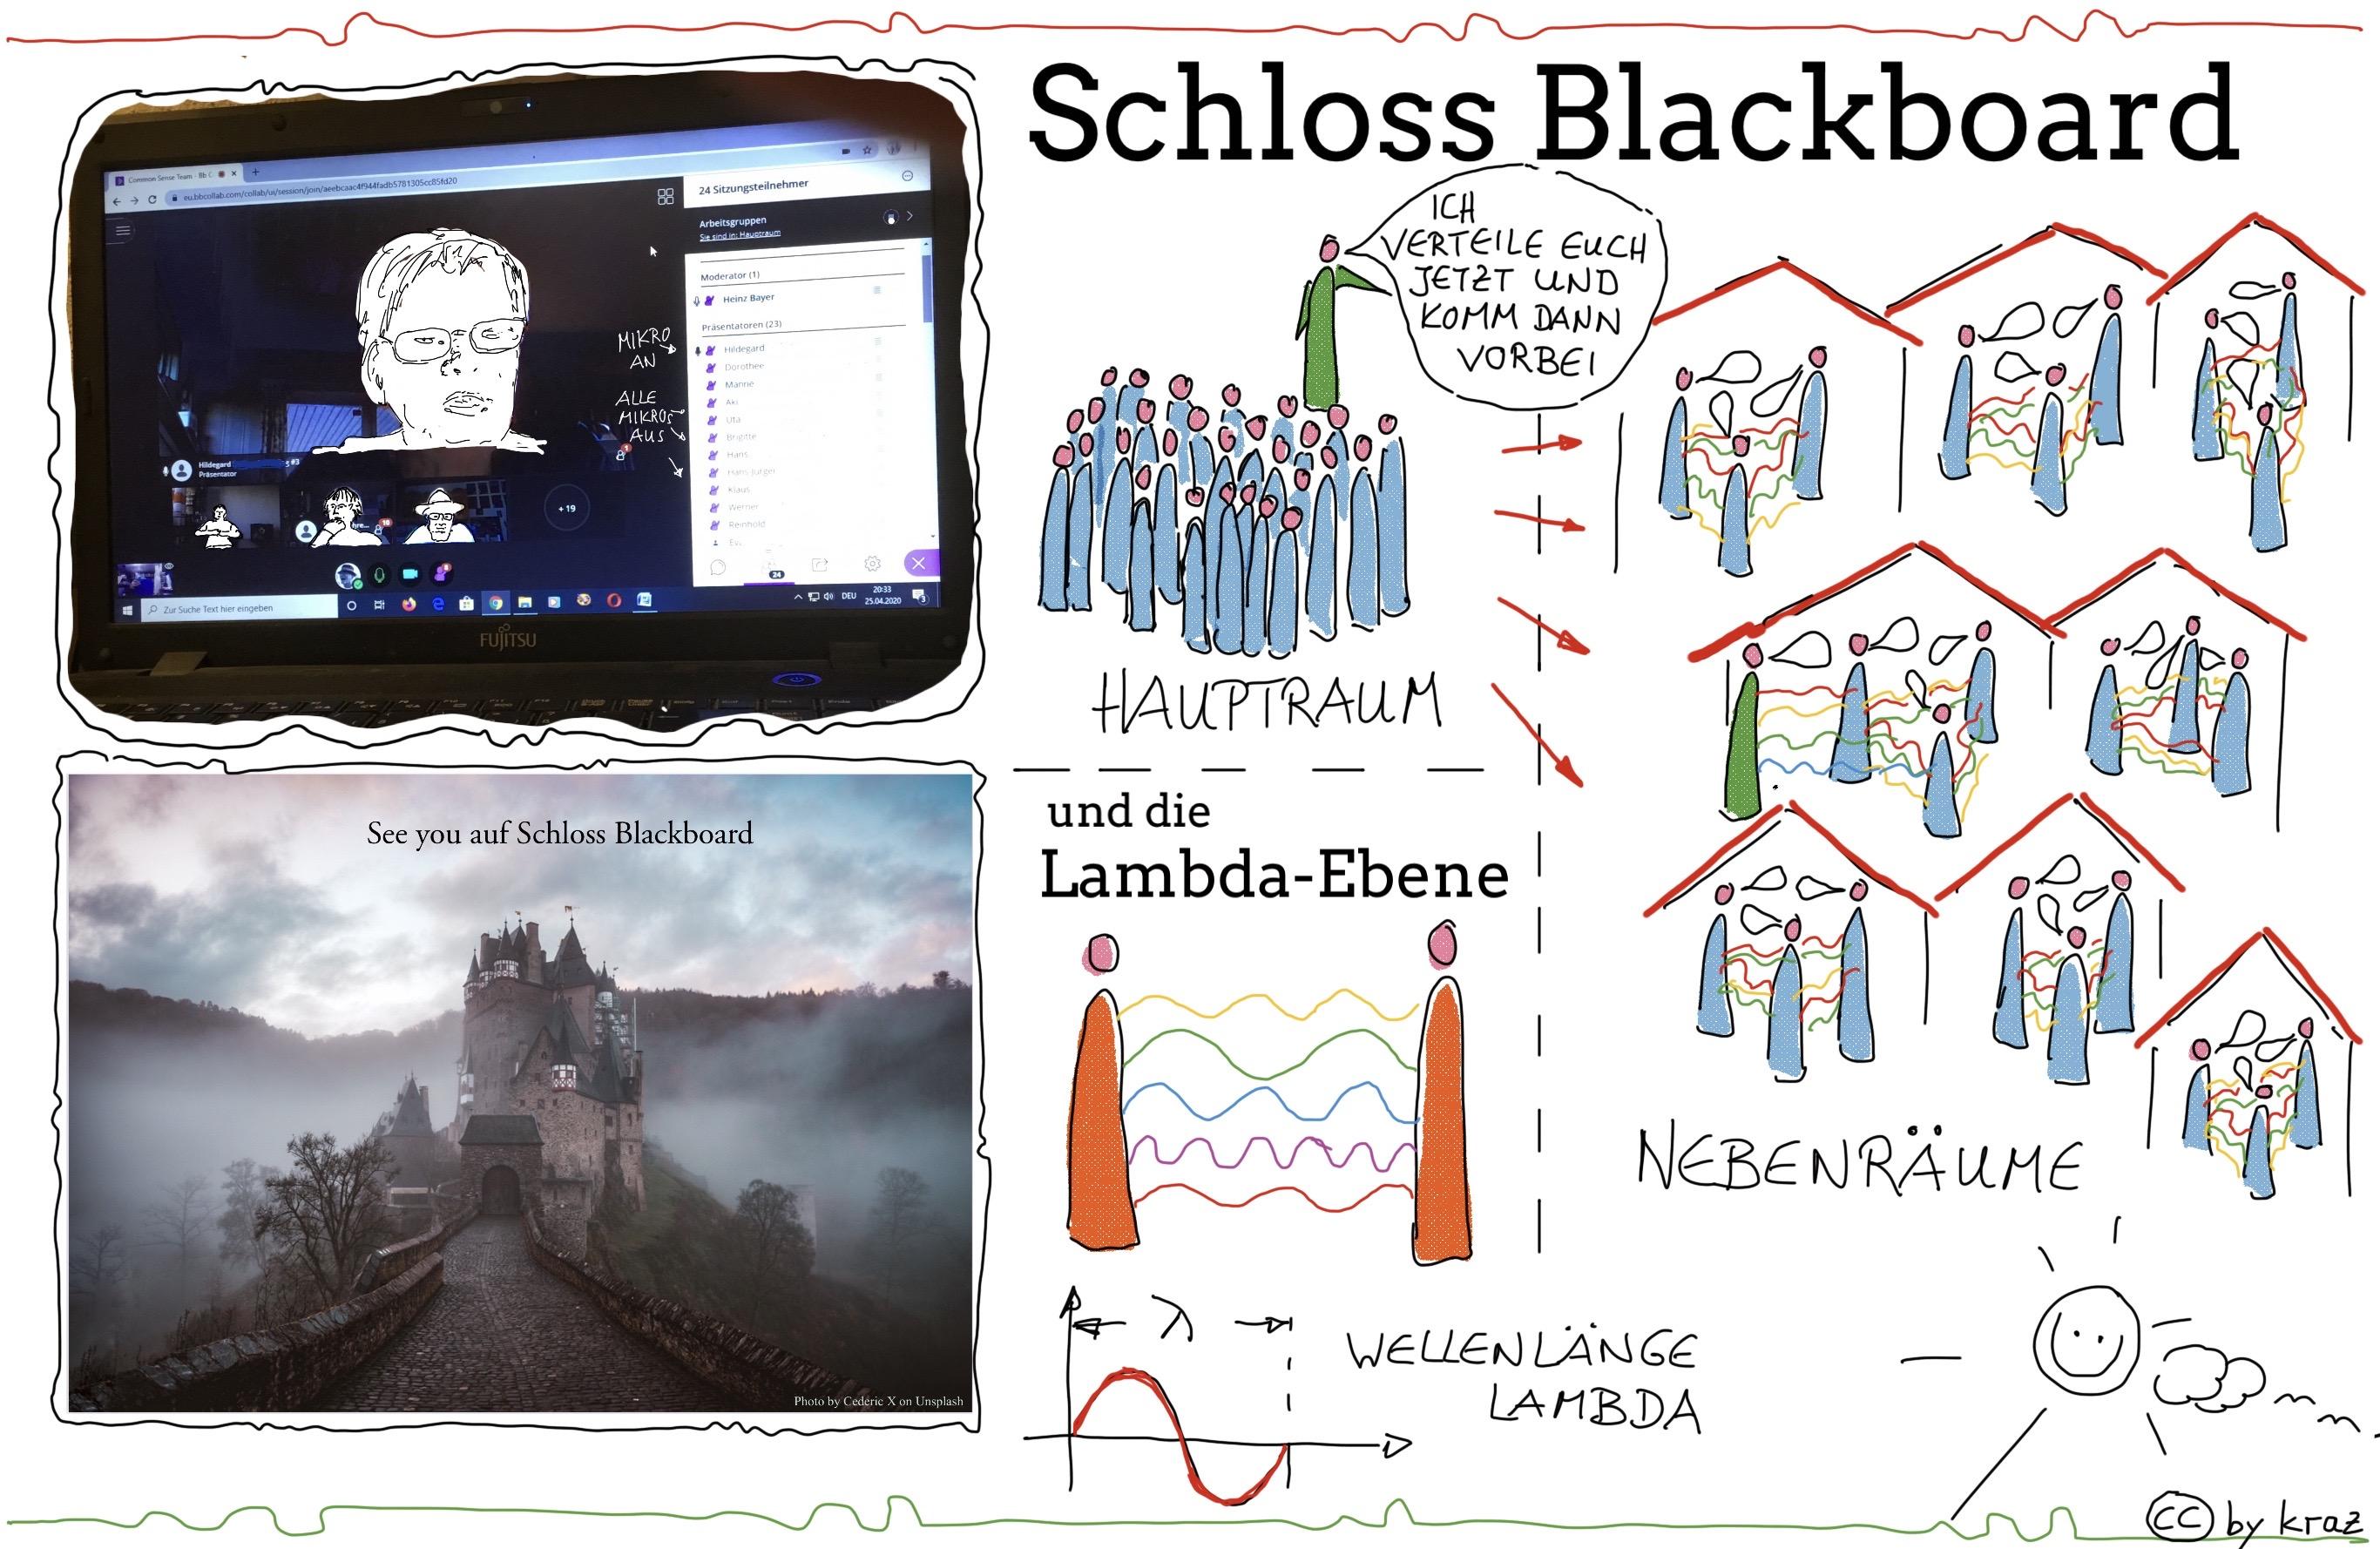 Schloss Blackboard